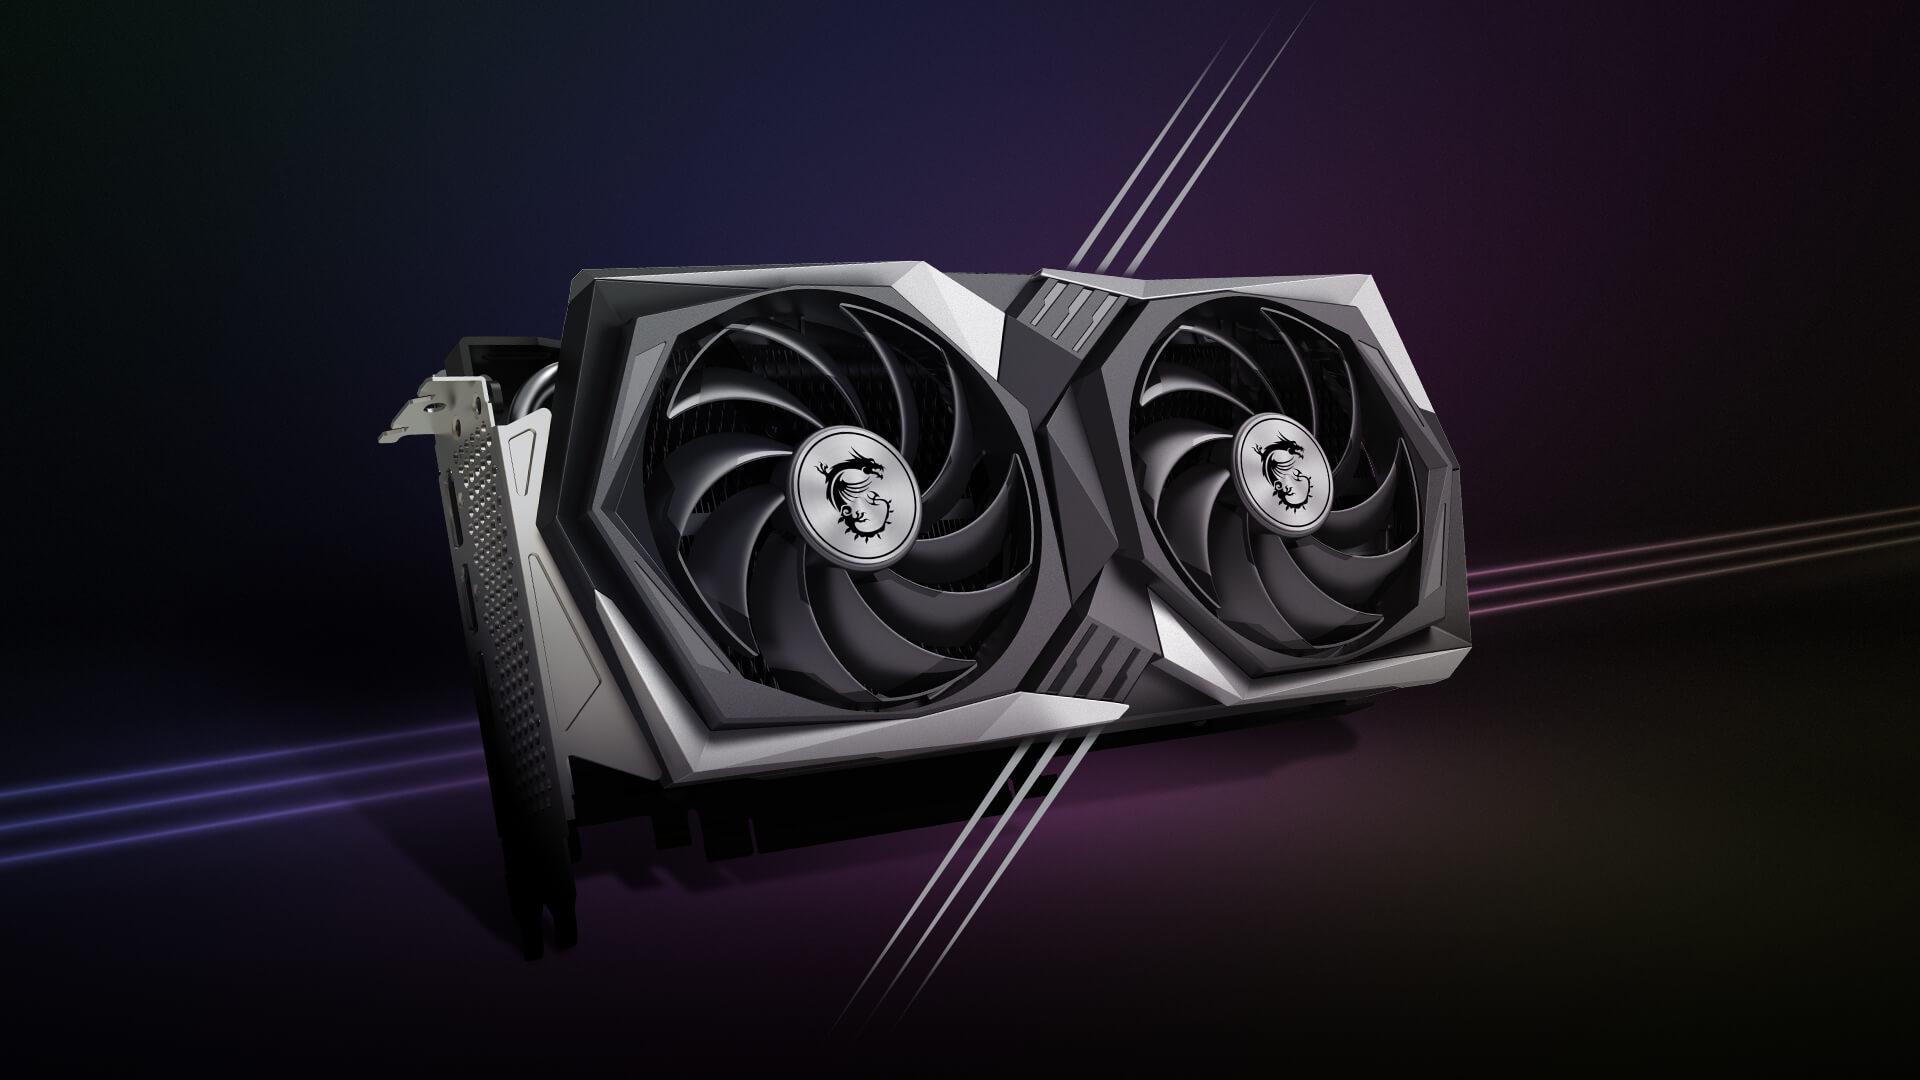 AMD Radeon RX 6600 XT продают в Украине за 33 000 гривен при цене 12 200 гривен